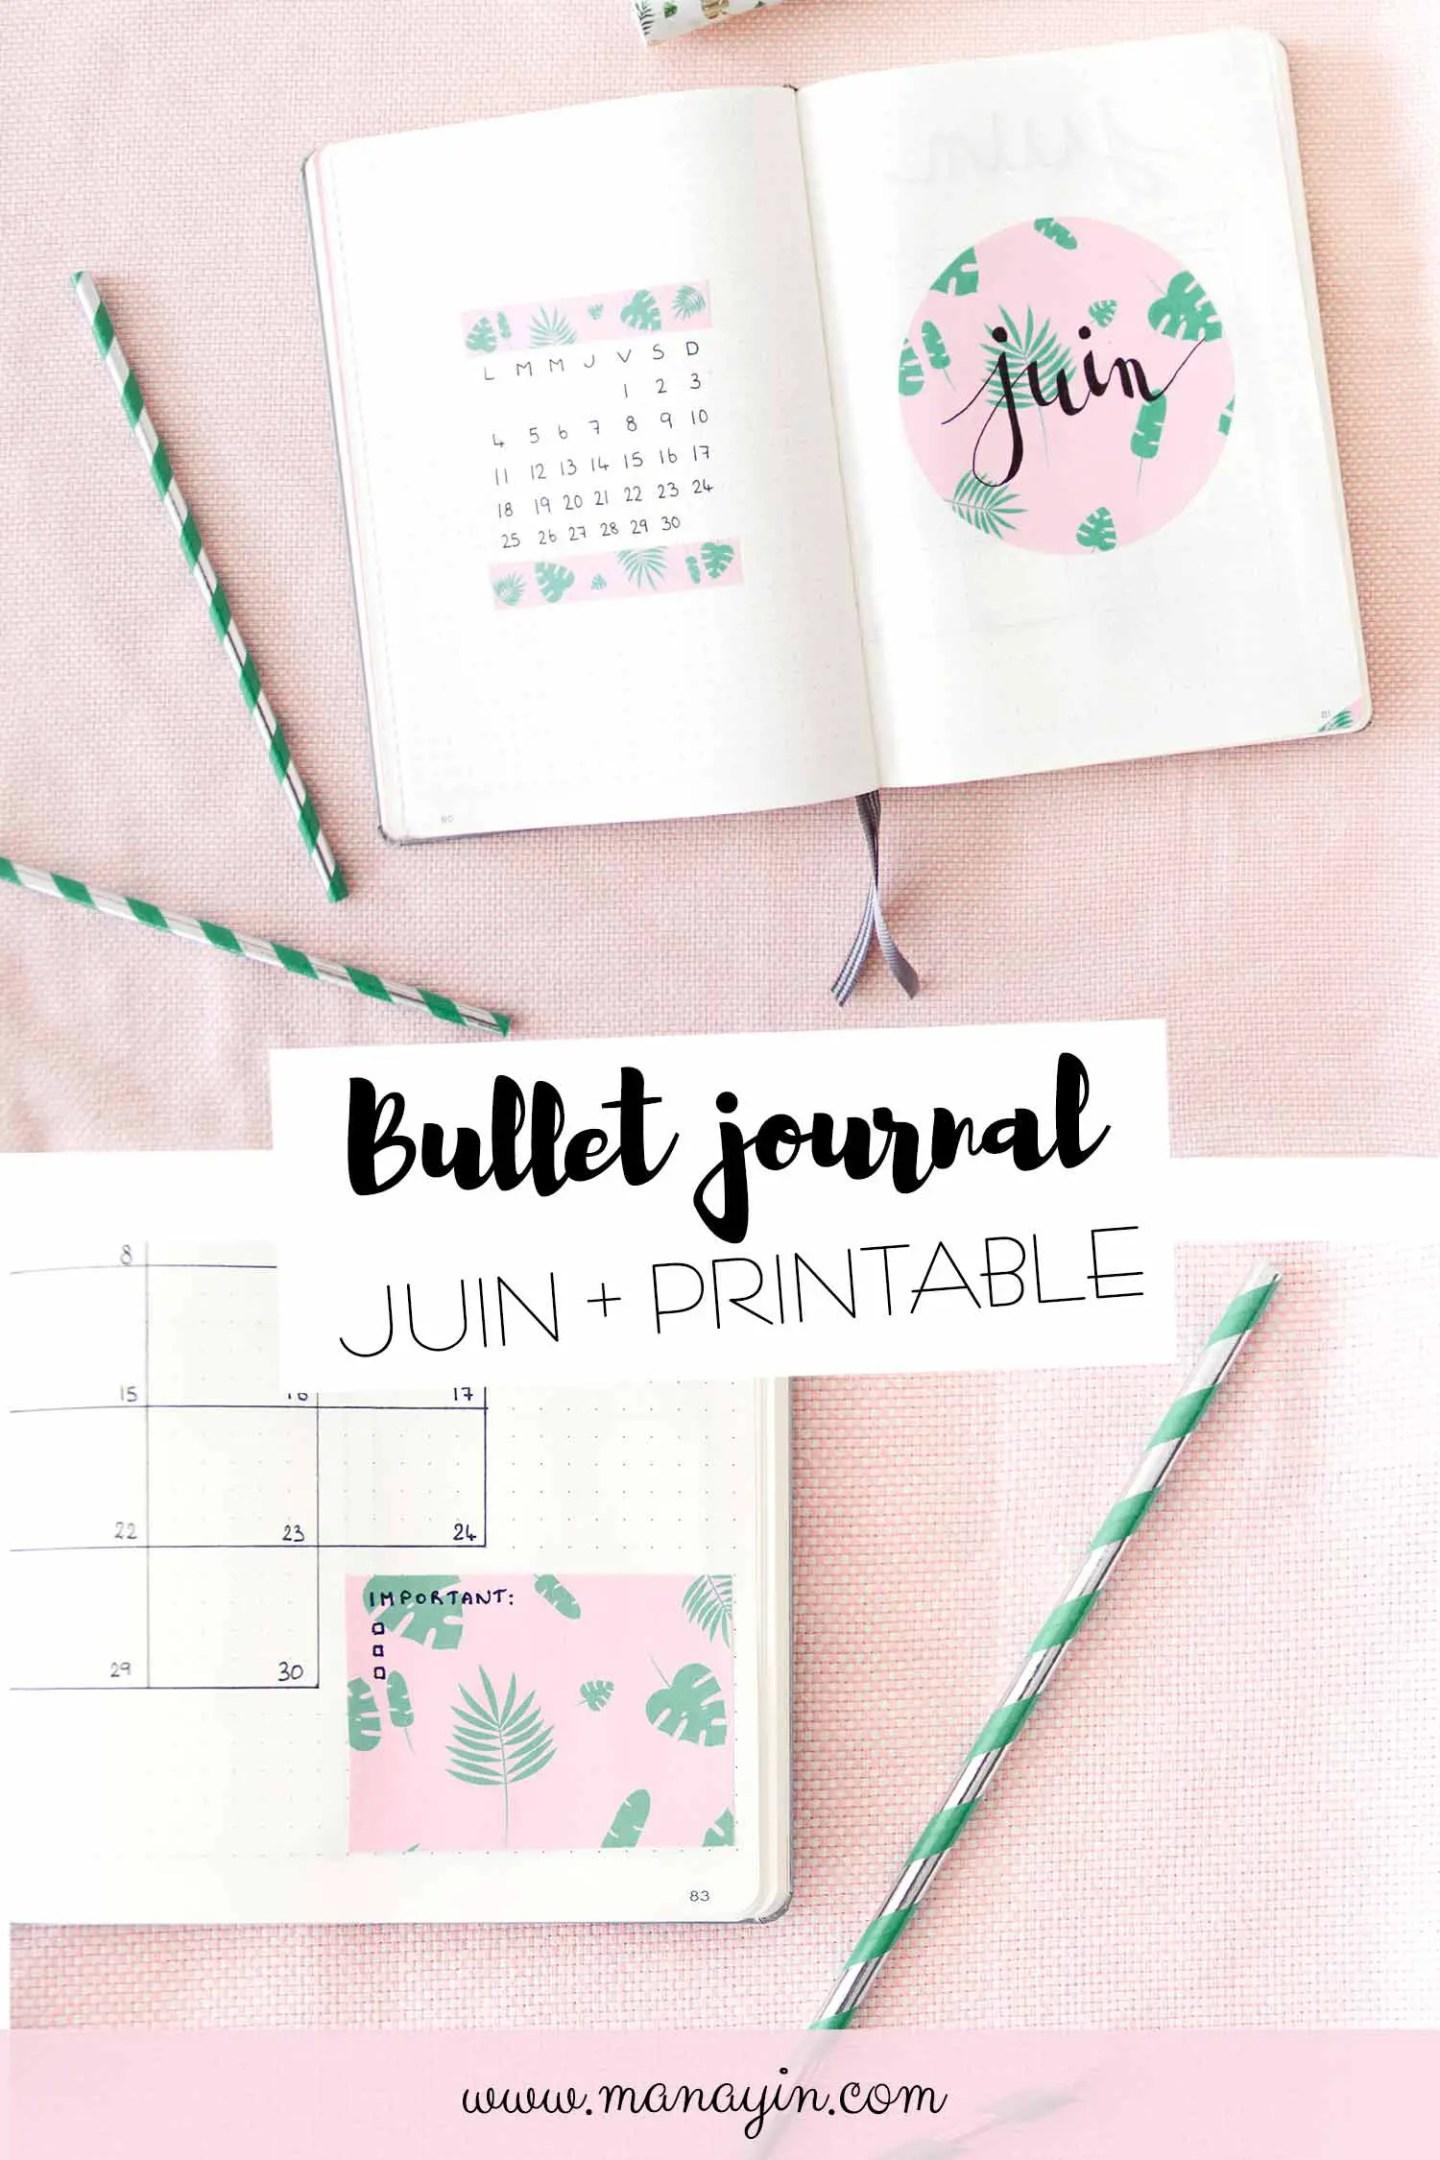 Bullet journal Juin printable